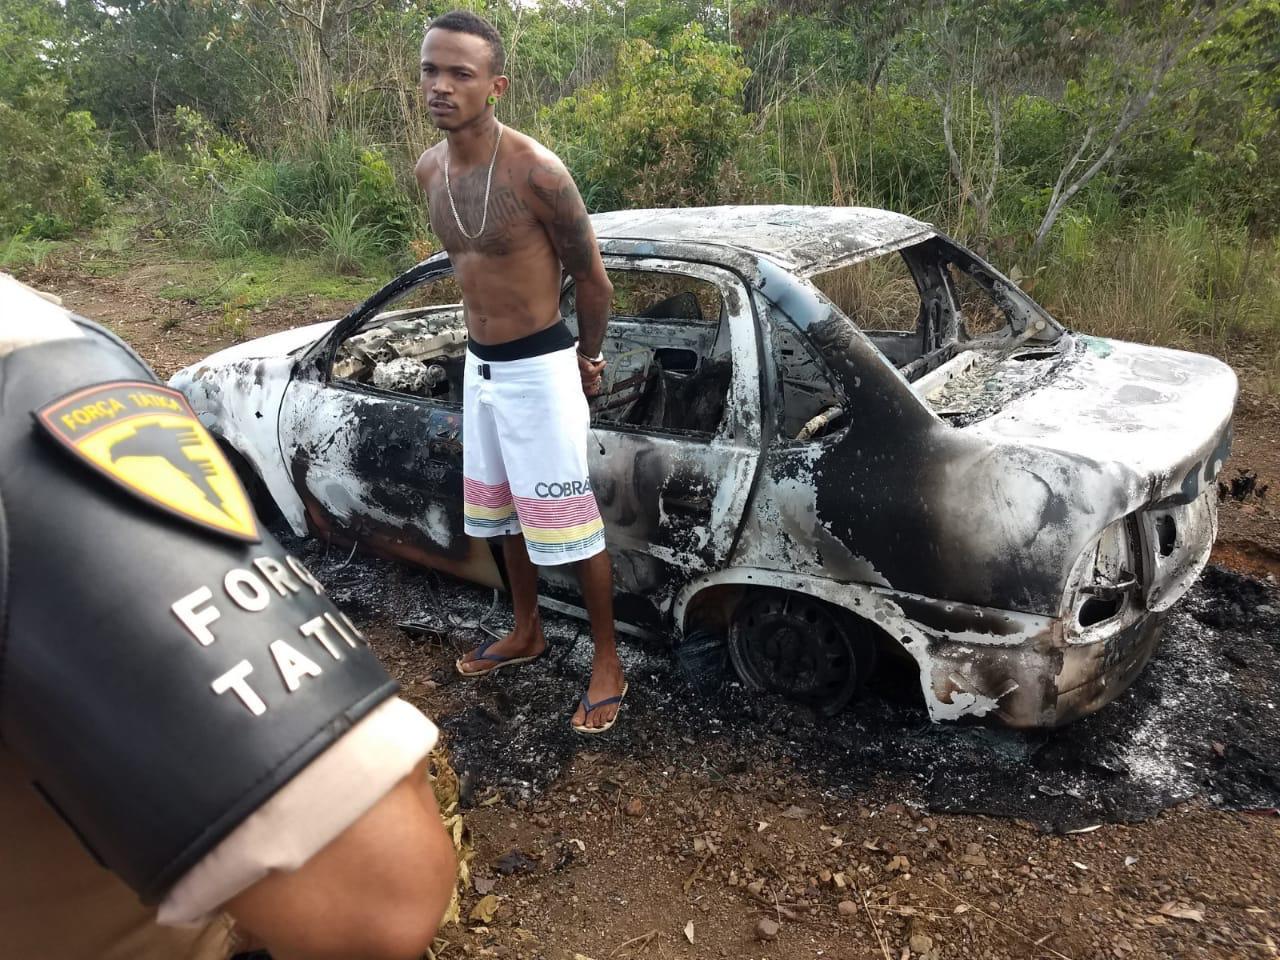 Suspeito que ateou fogo em carro e publicou nas redes sociais é preso pela PM em Palmas